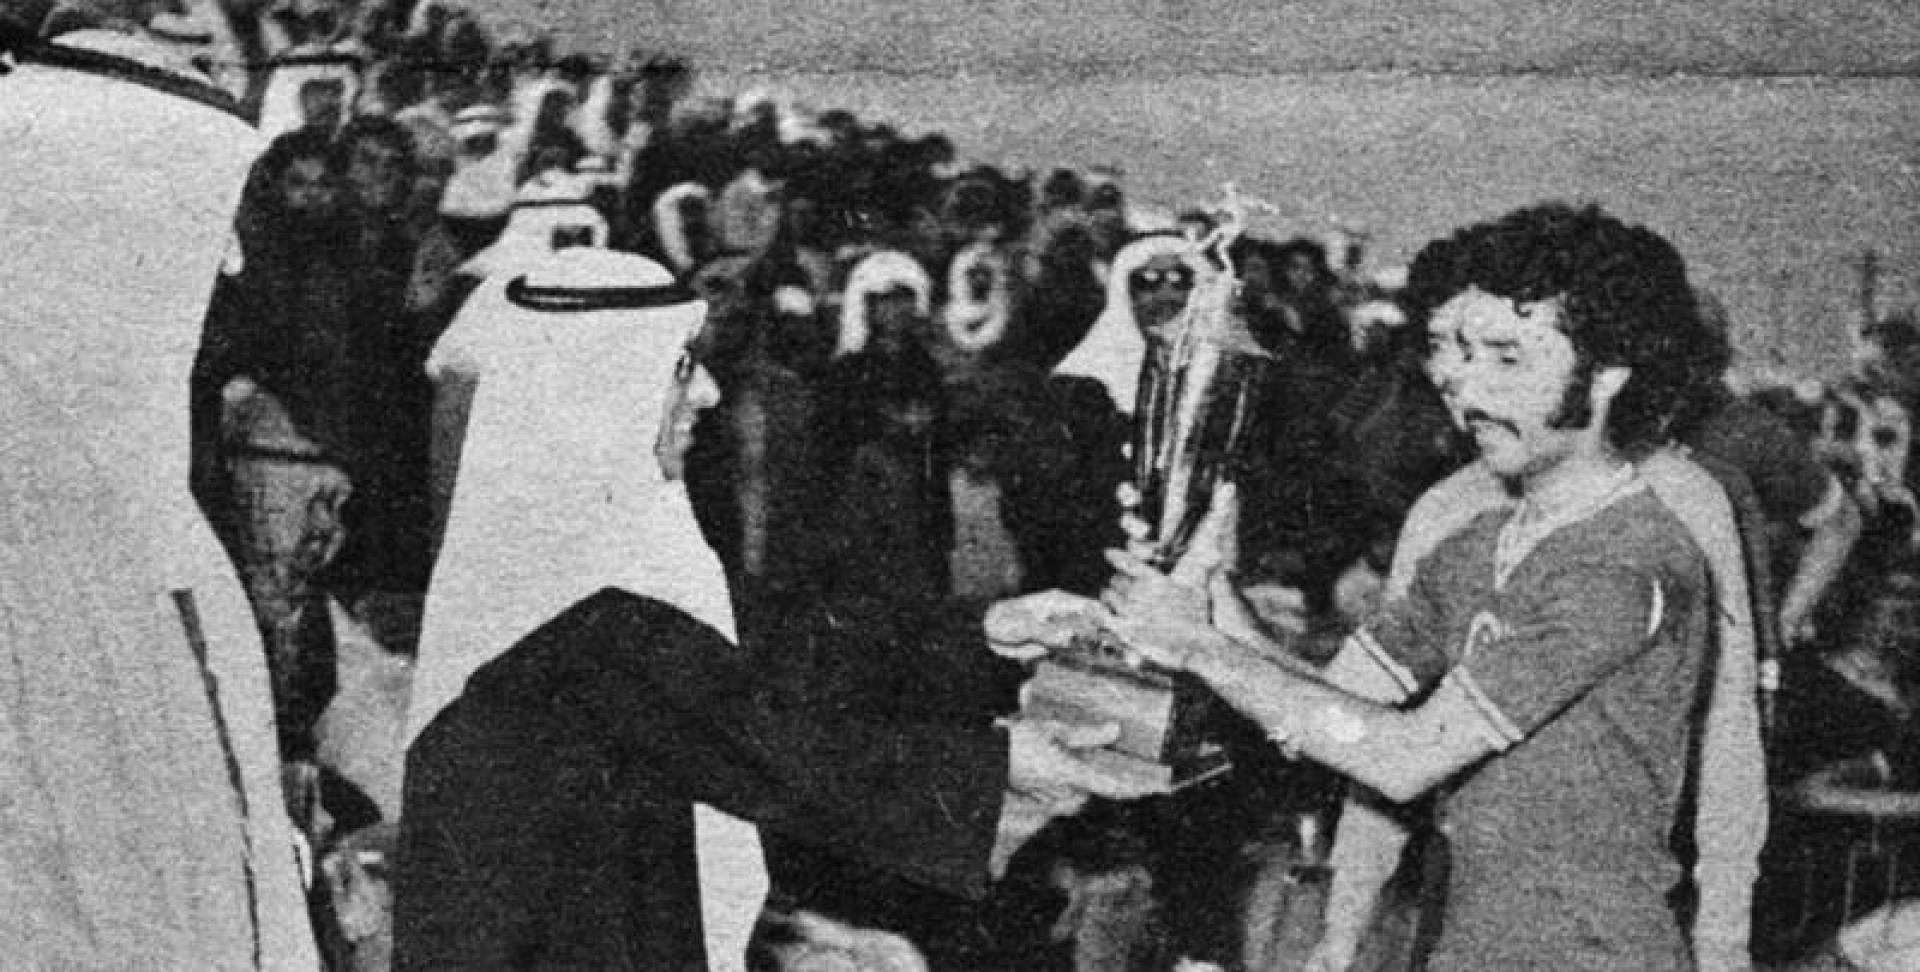 كابتن فريق العربي يتسلم كأس البطولة من يد نائب رئيس الاتحاد عبدالعزيز الرشيد.. أرشيفية